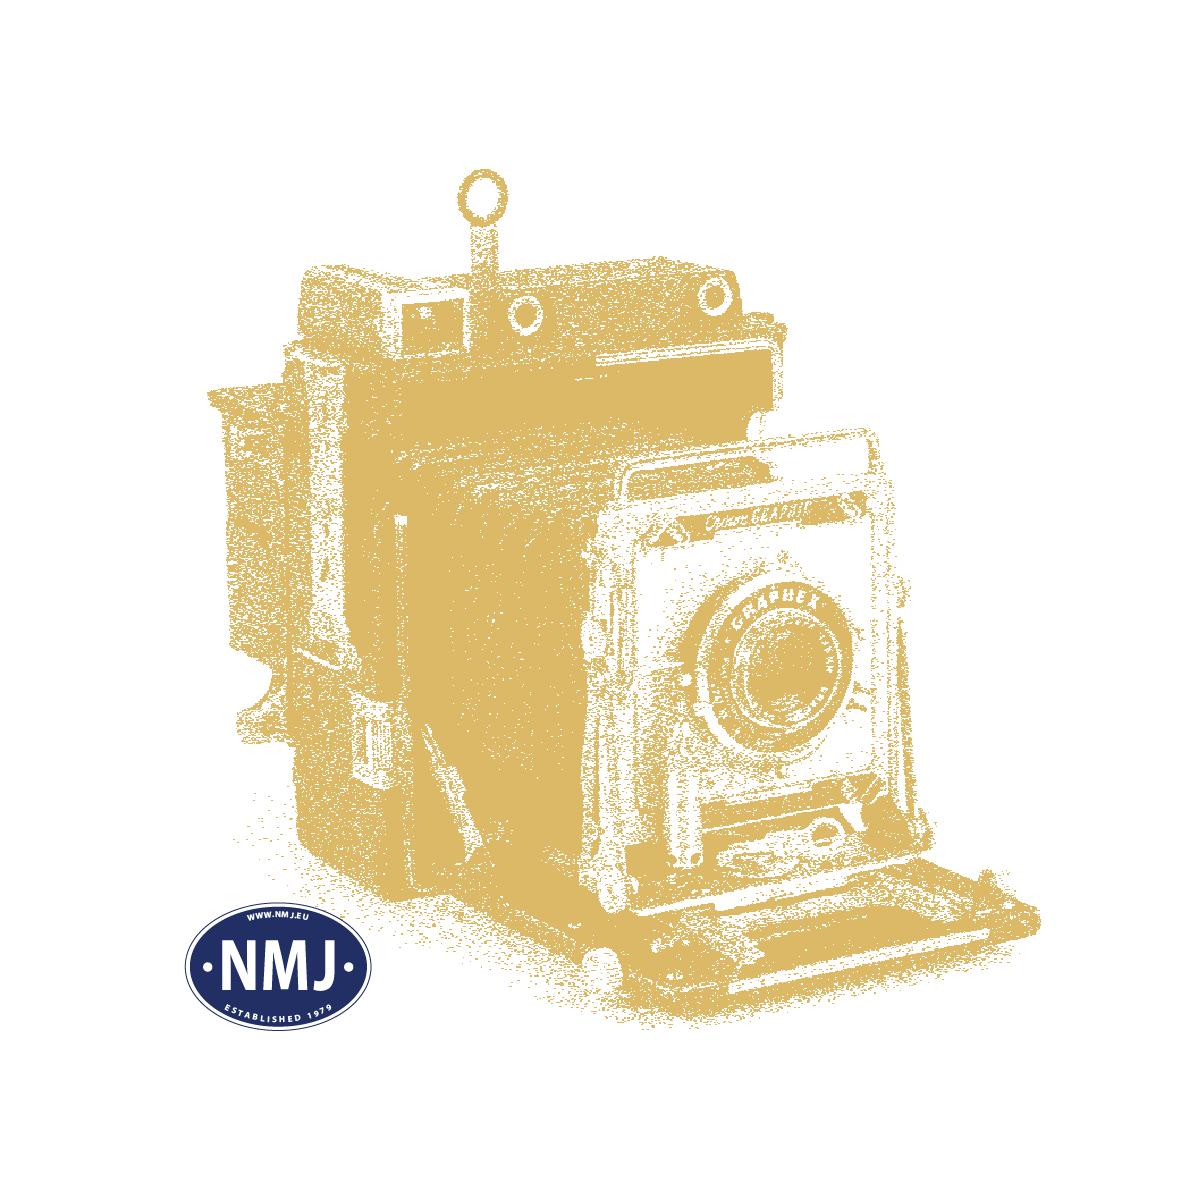 NMJT9910 - Plogskjær, 1000 V Kontakt